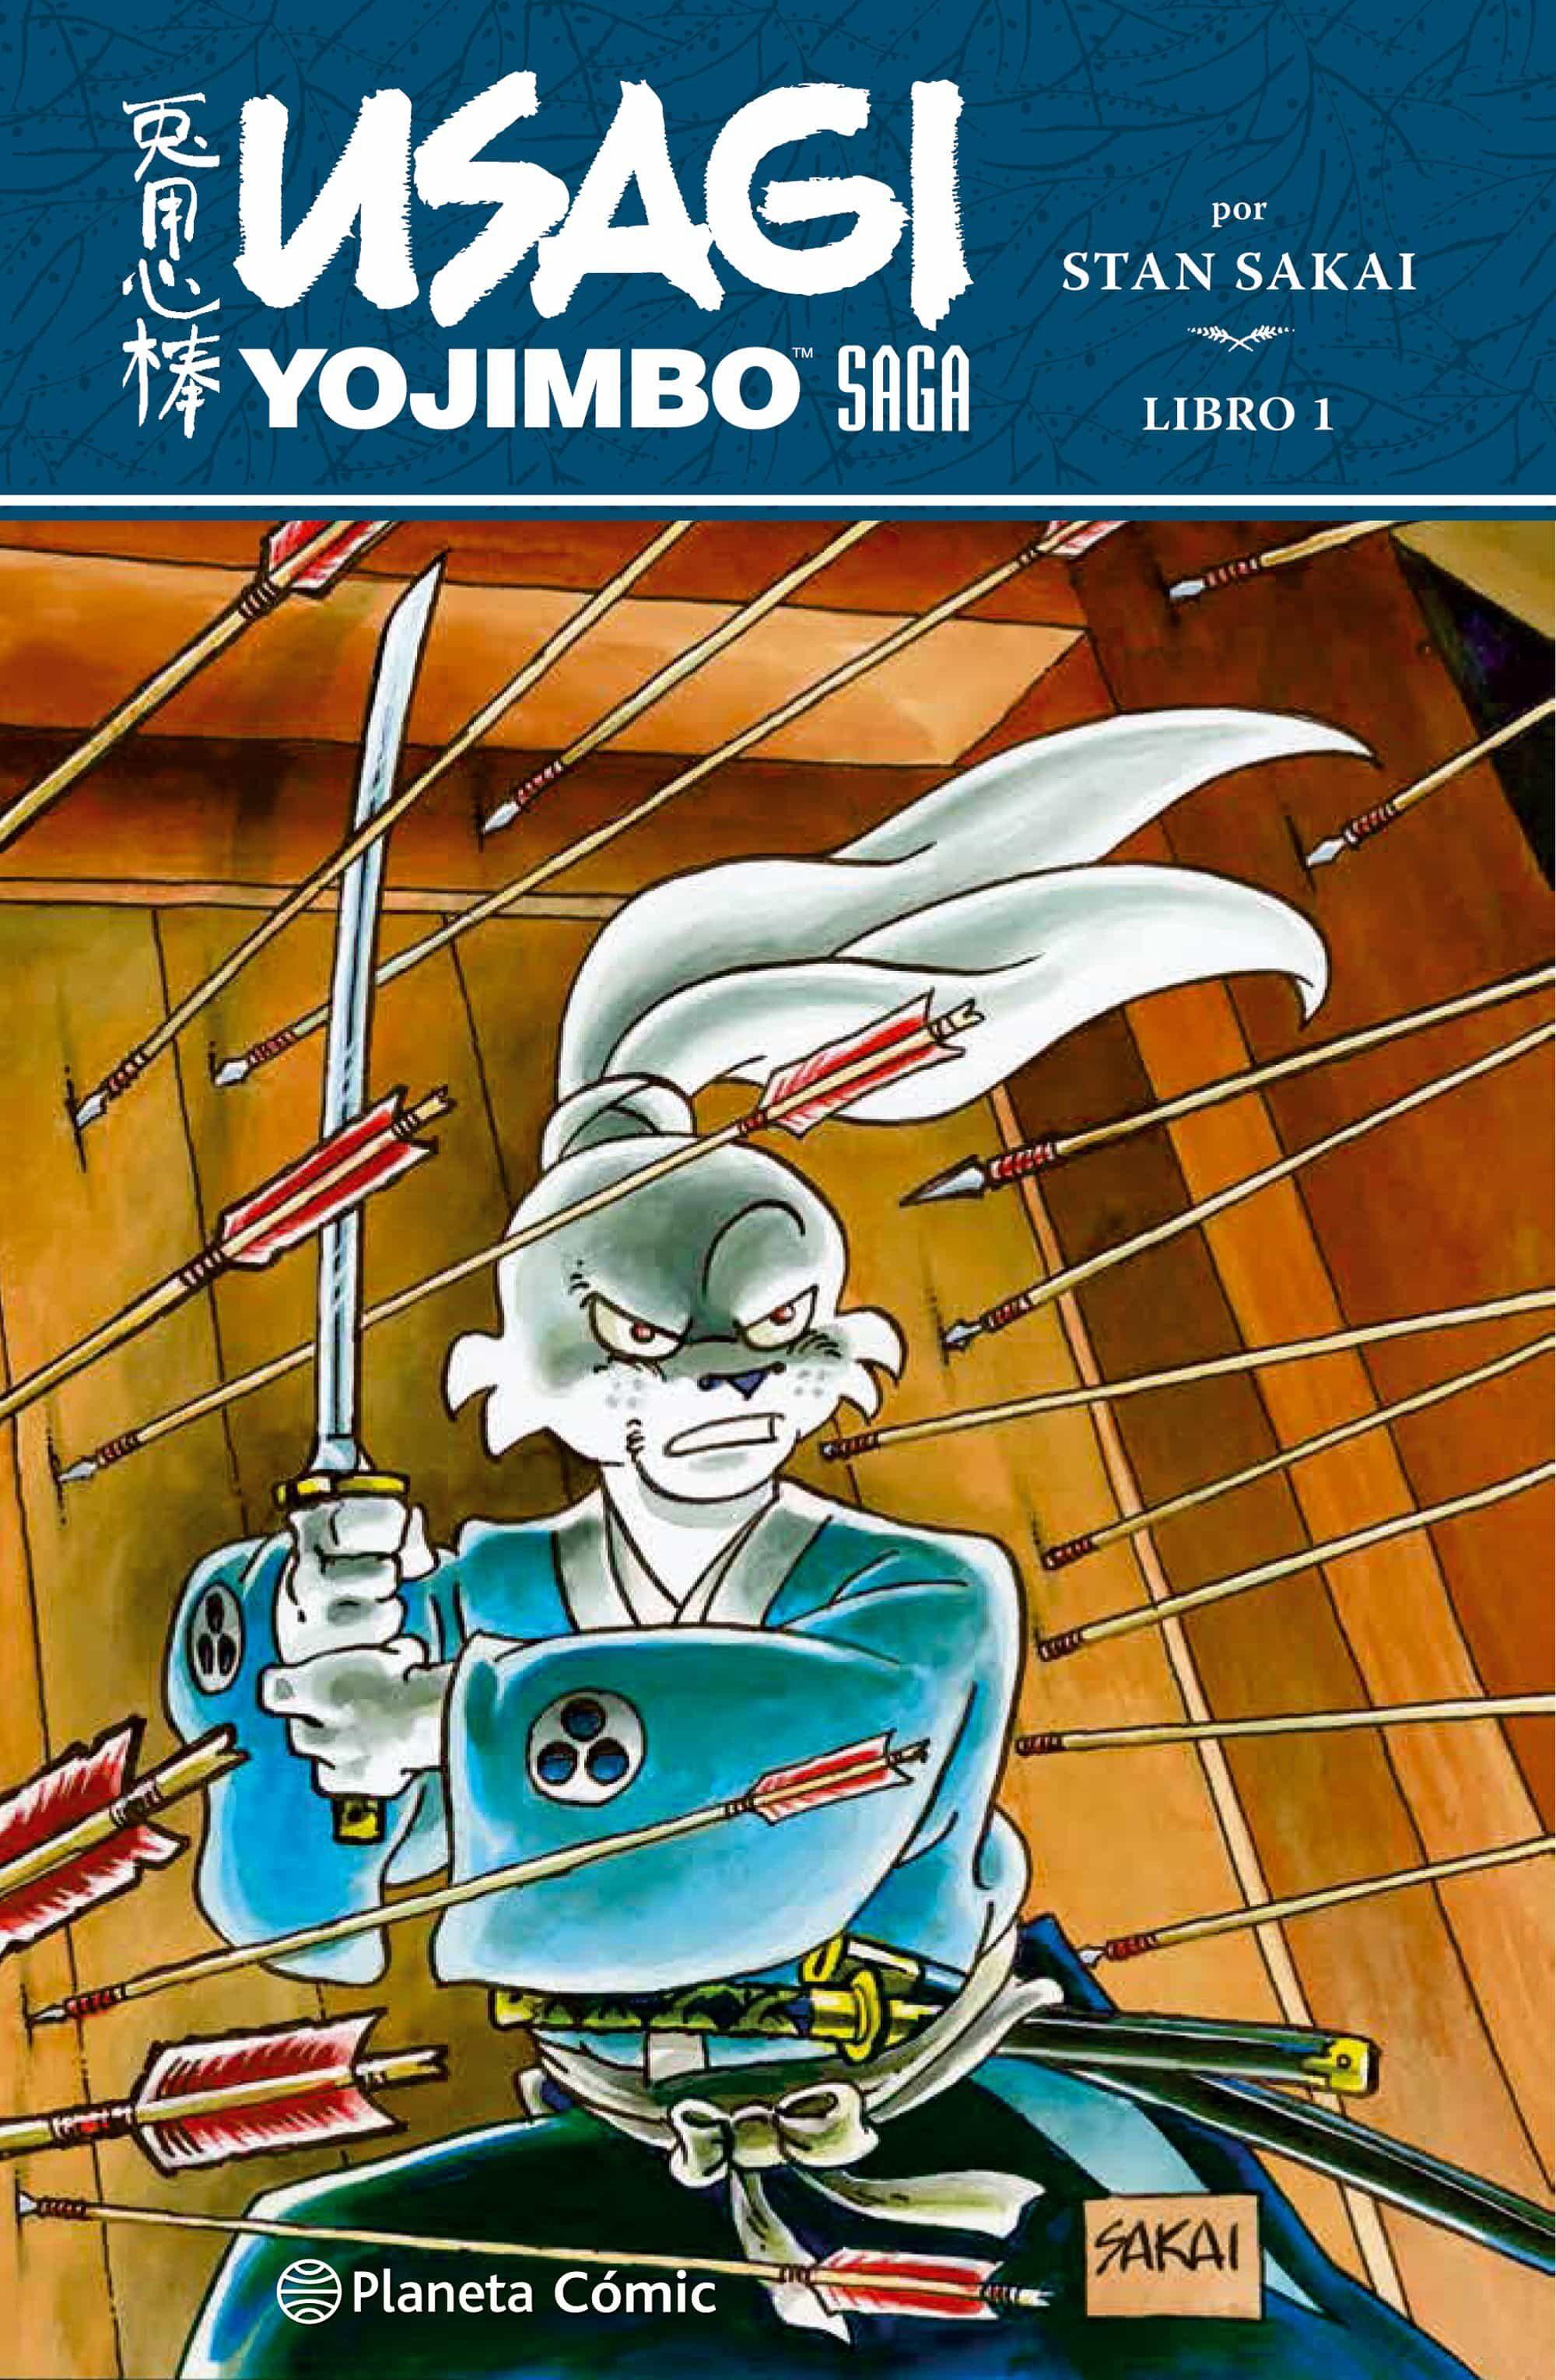 Usagi Yojimbo Saga Integral Nº 01 por Stan Sakai